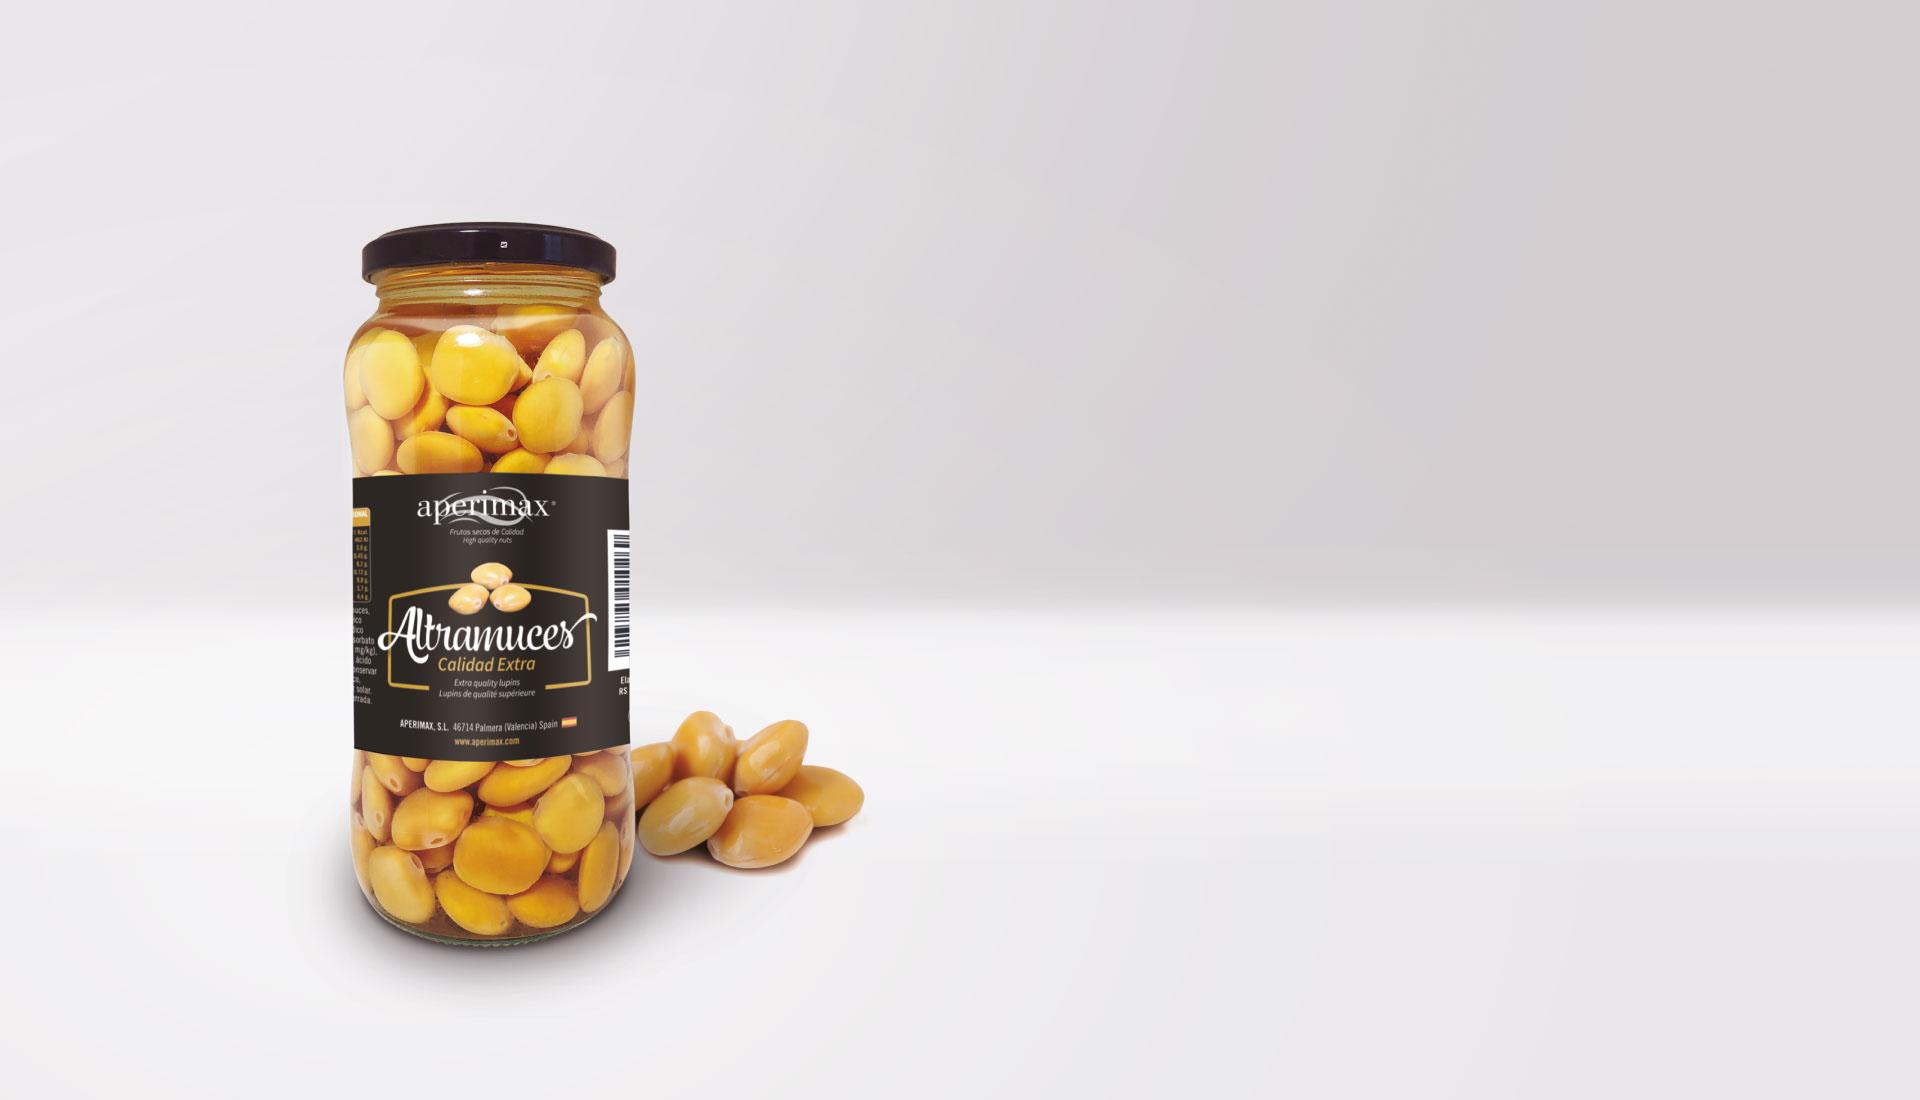 Nuevo envase Altramuces | Aperimax, frutos secos de calidad